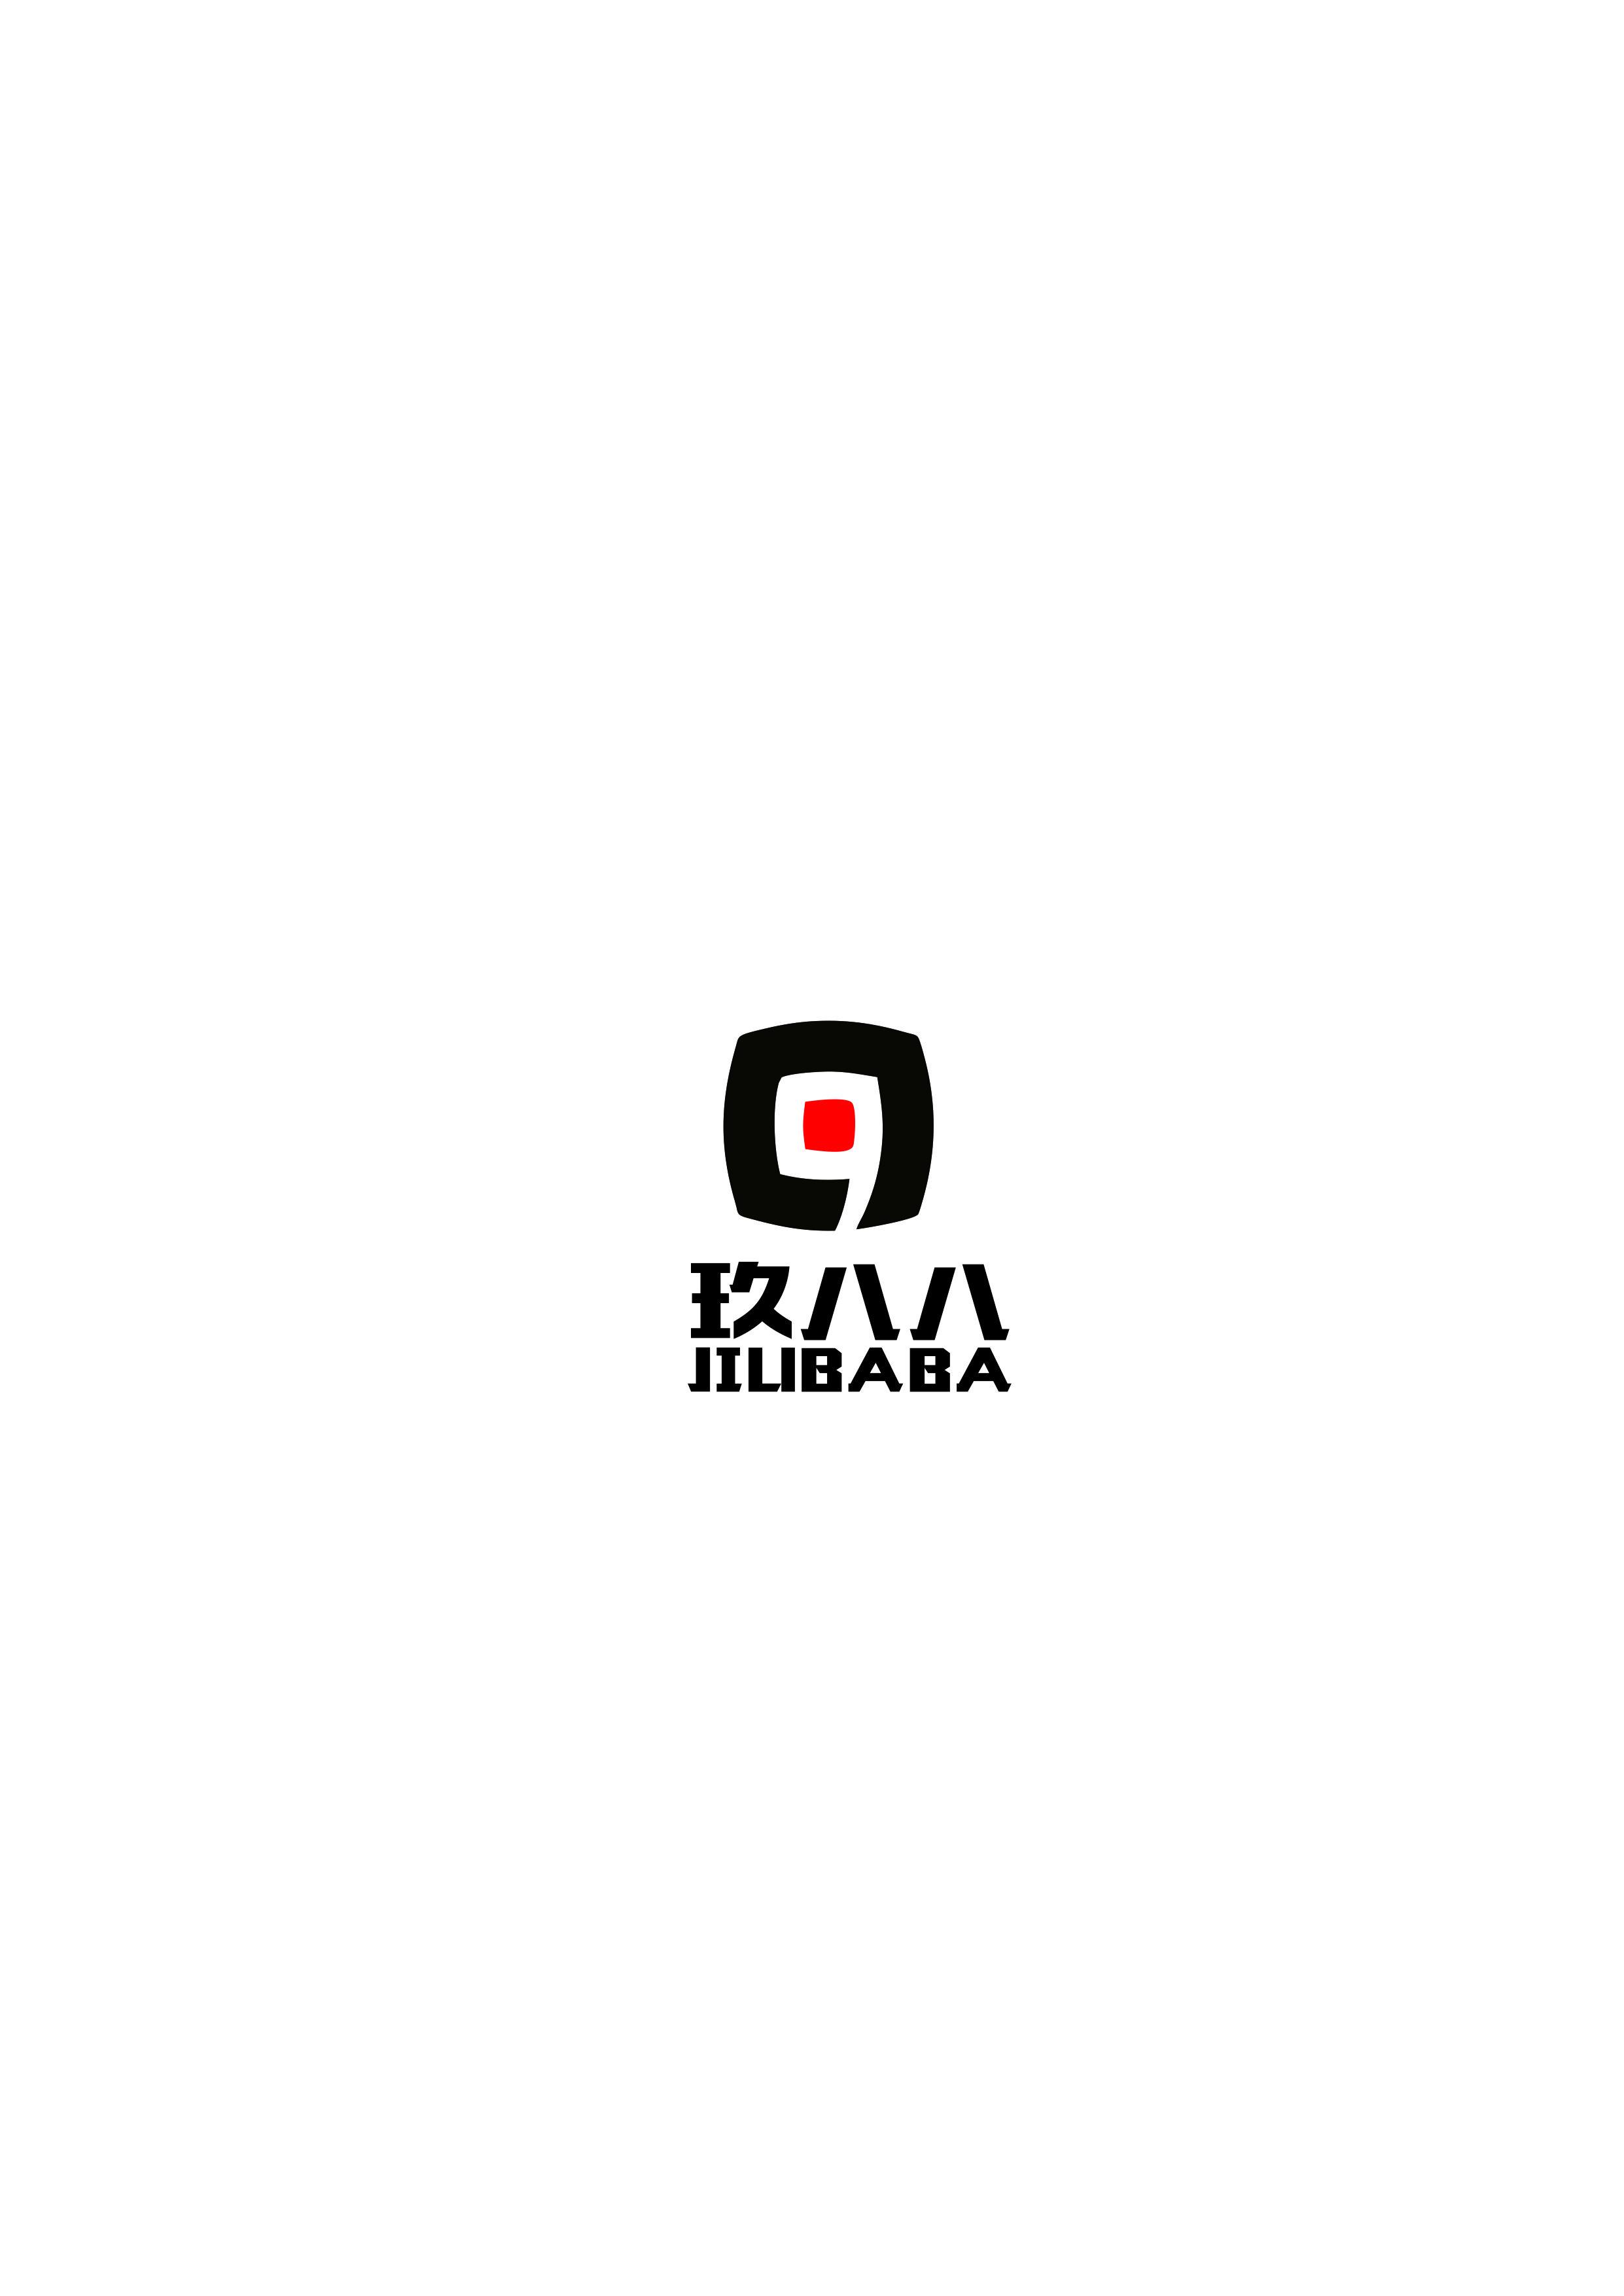 武汉玖八八建筑装饰设计工程有限公司